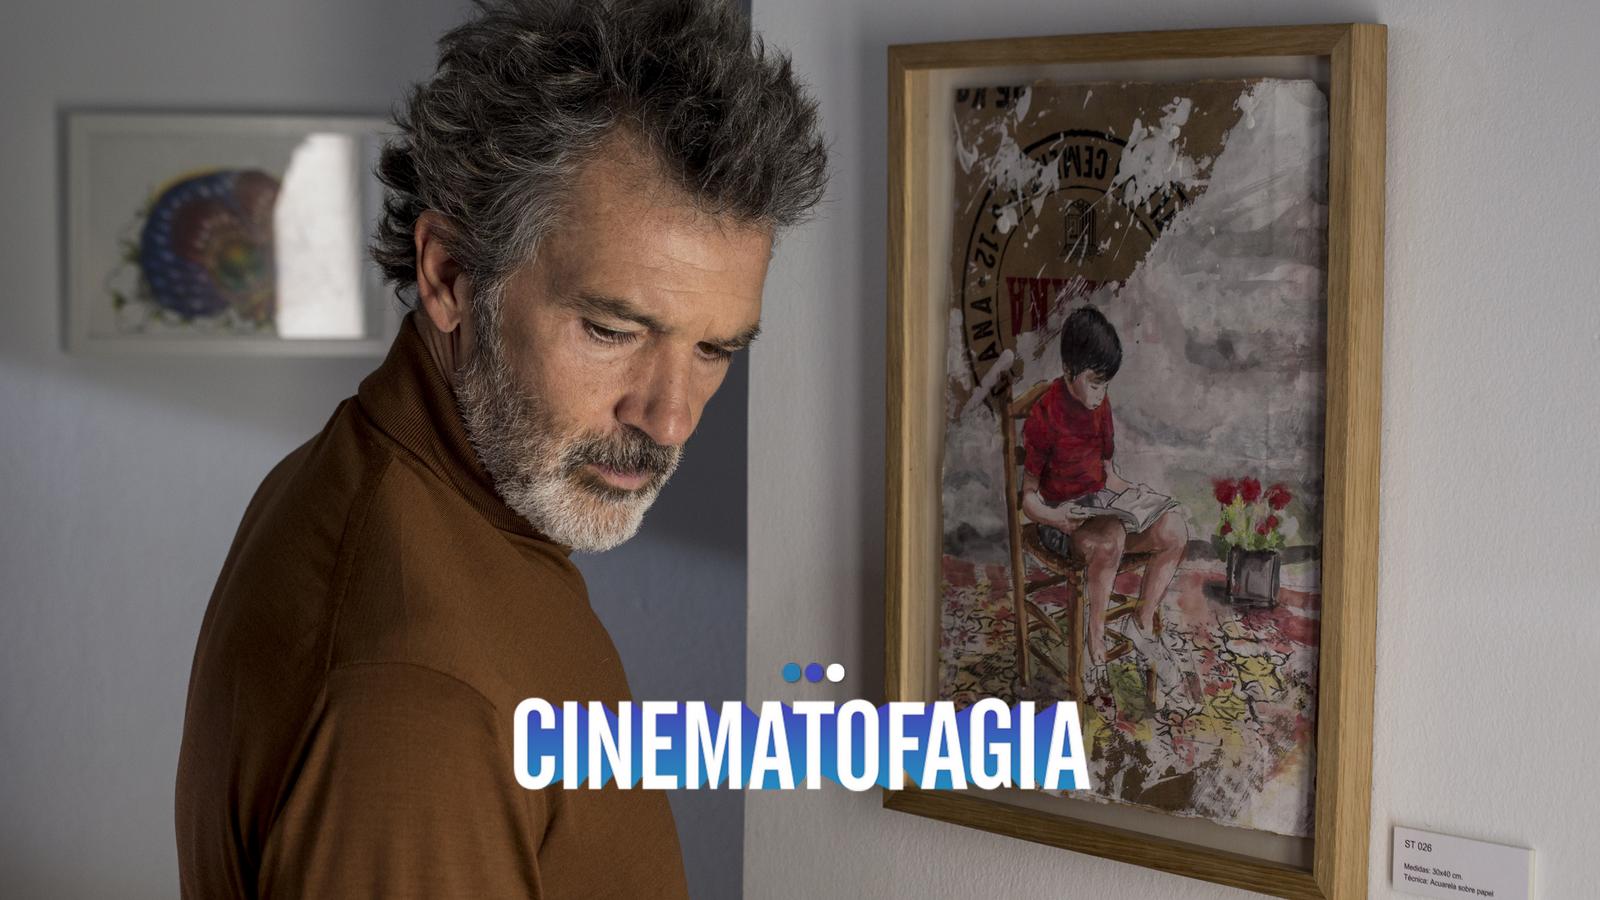 O 21º filme da carreira talvez evoque uma sensação de que Almodóvar precise de uma renovação que saia de sua própria caixa